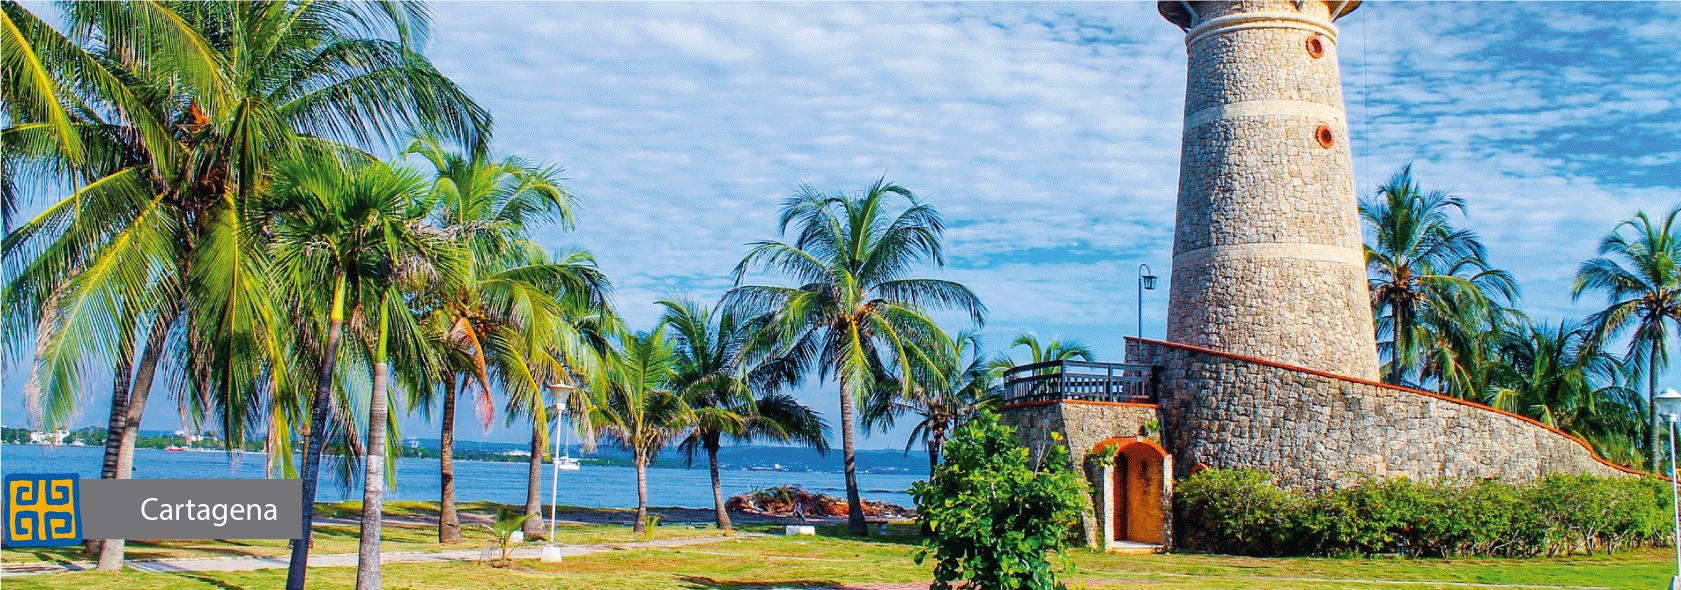 Cartagena--Colombia